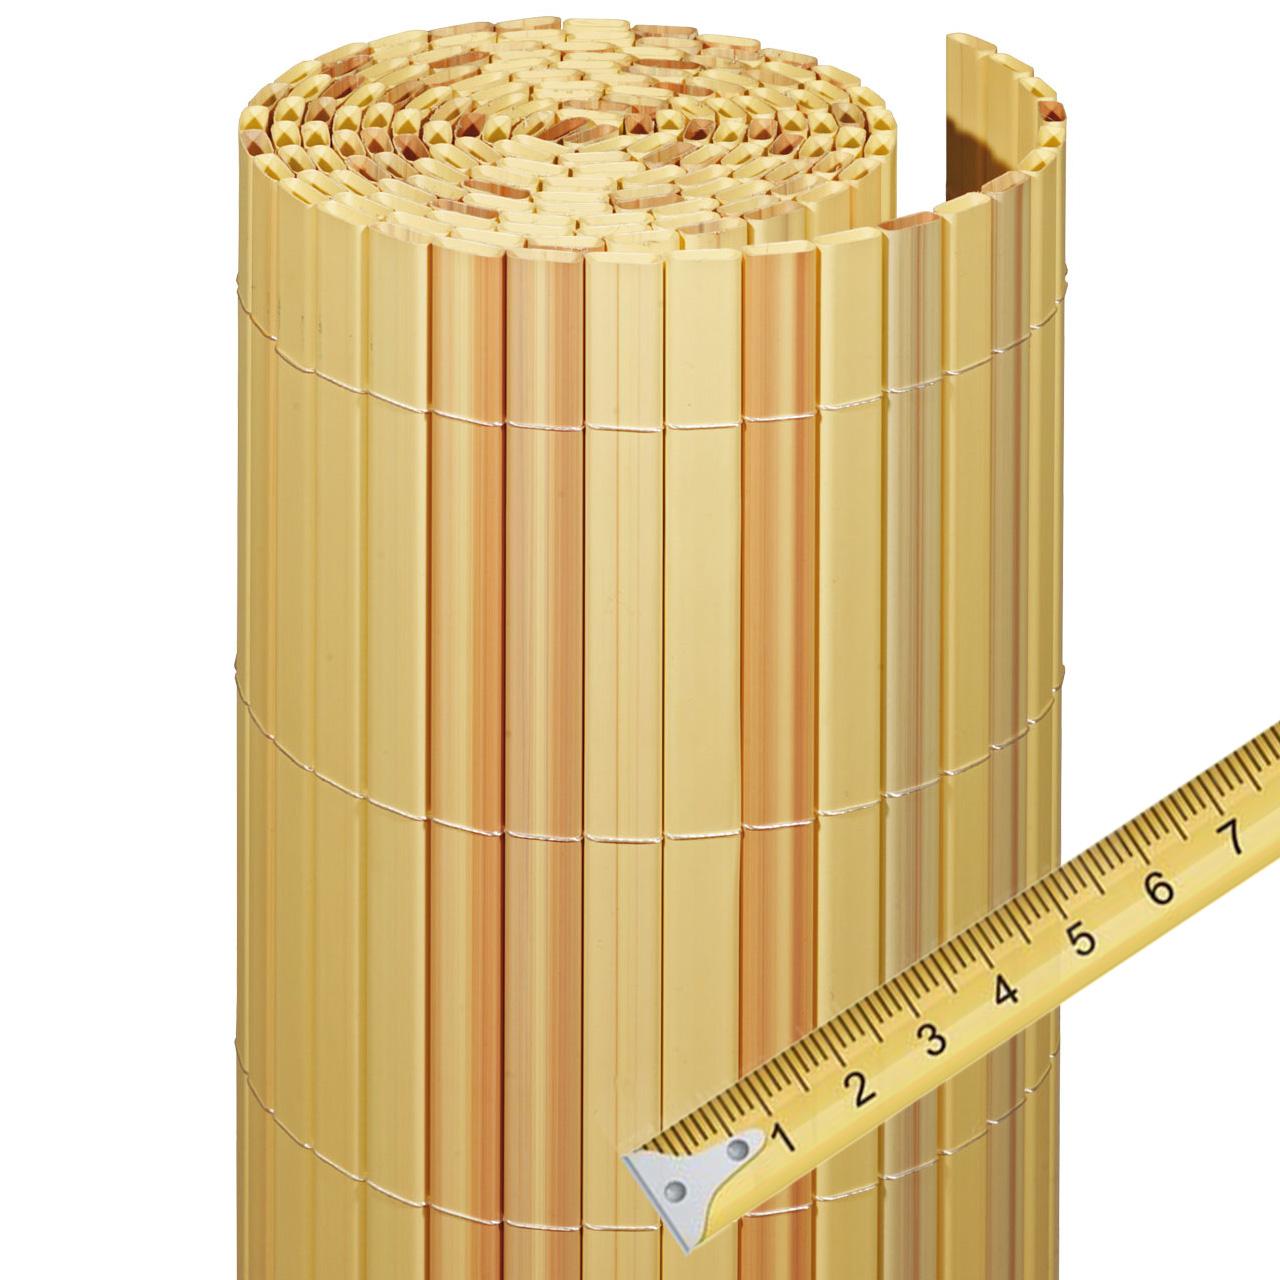 Balkon Sichtschutz Kunststoff Meterware CARPROLA for